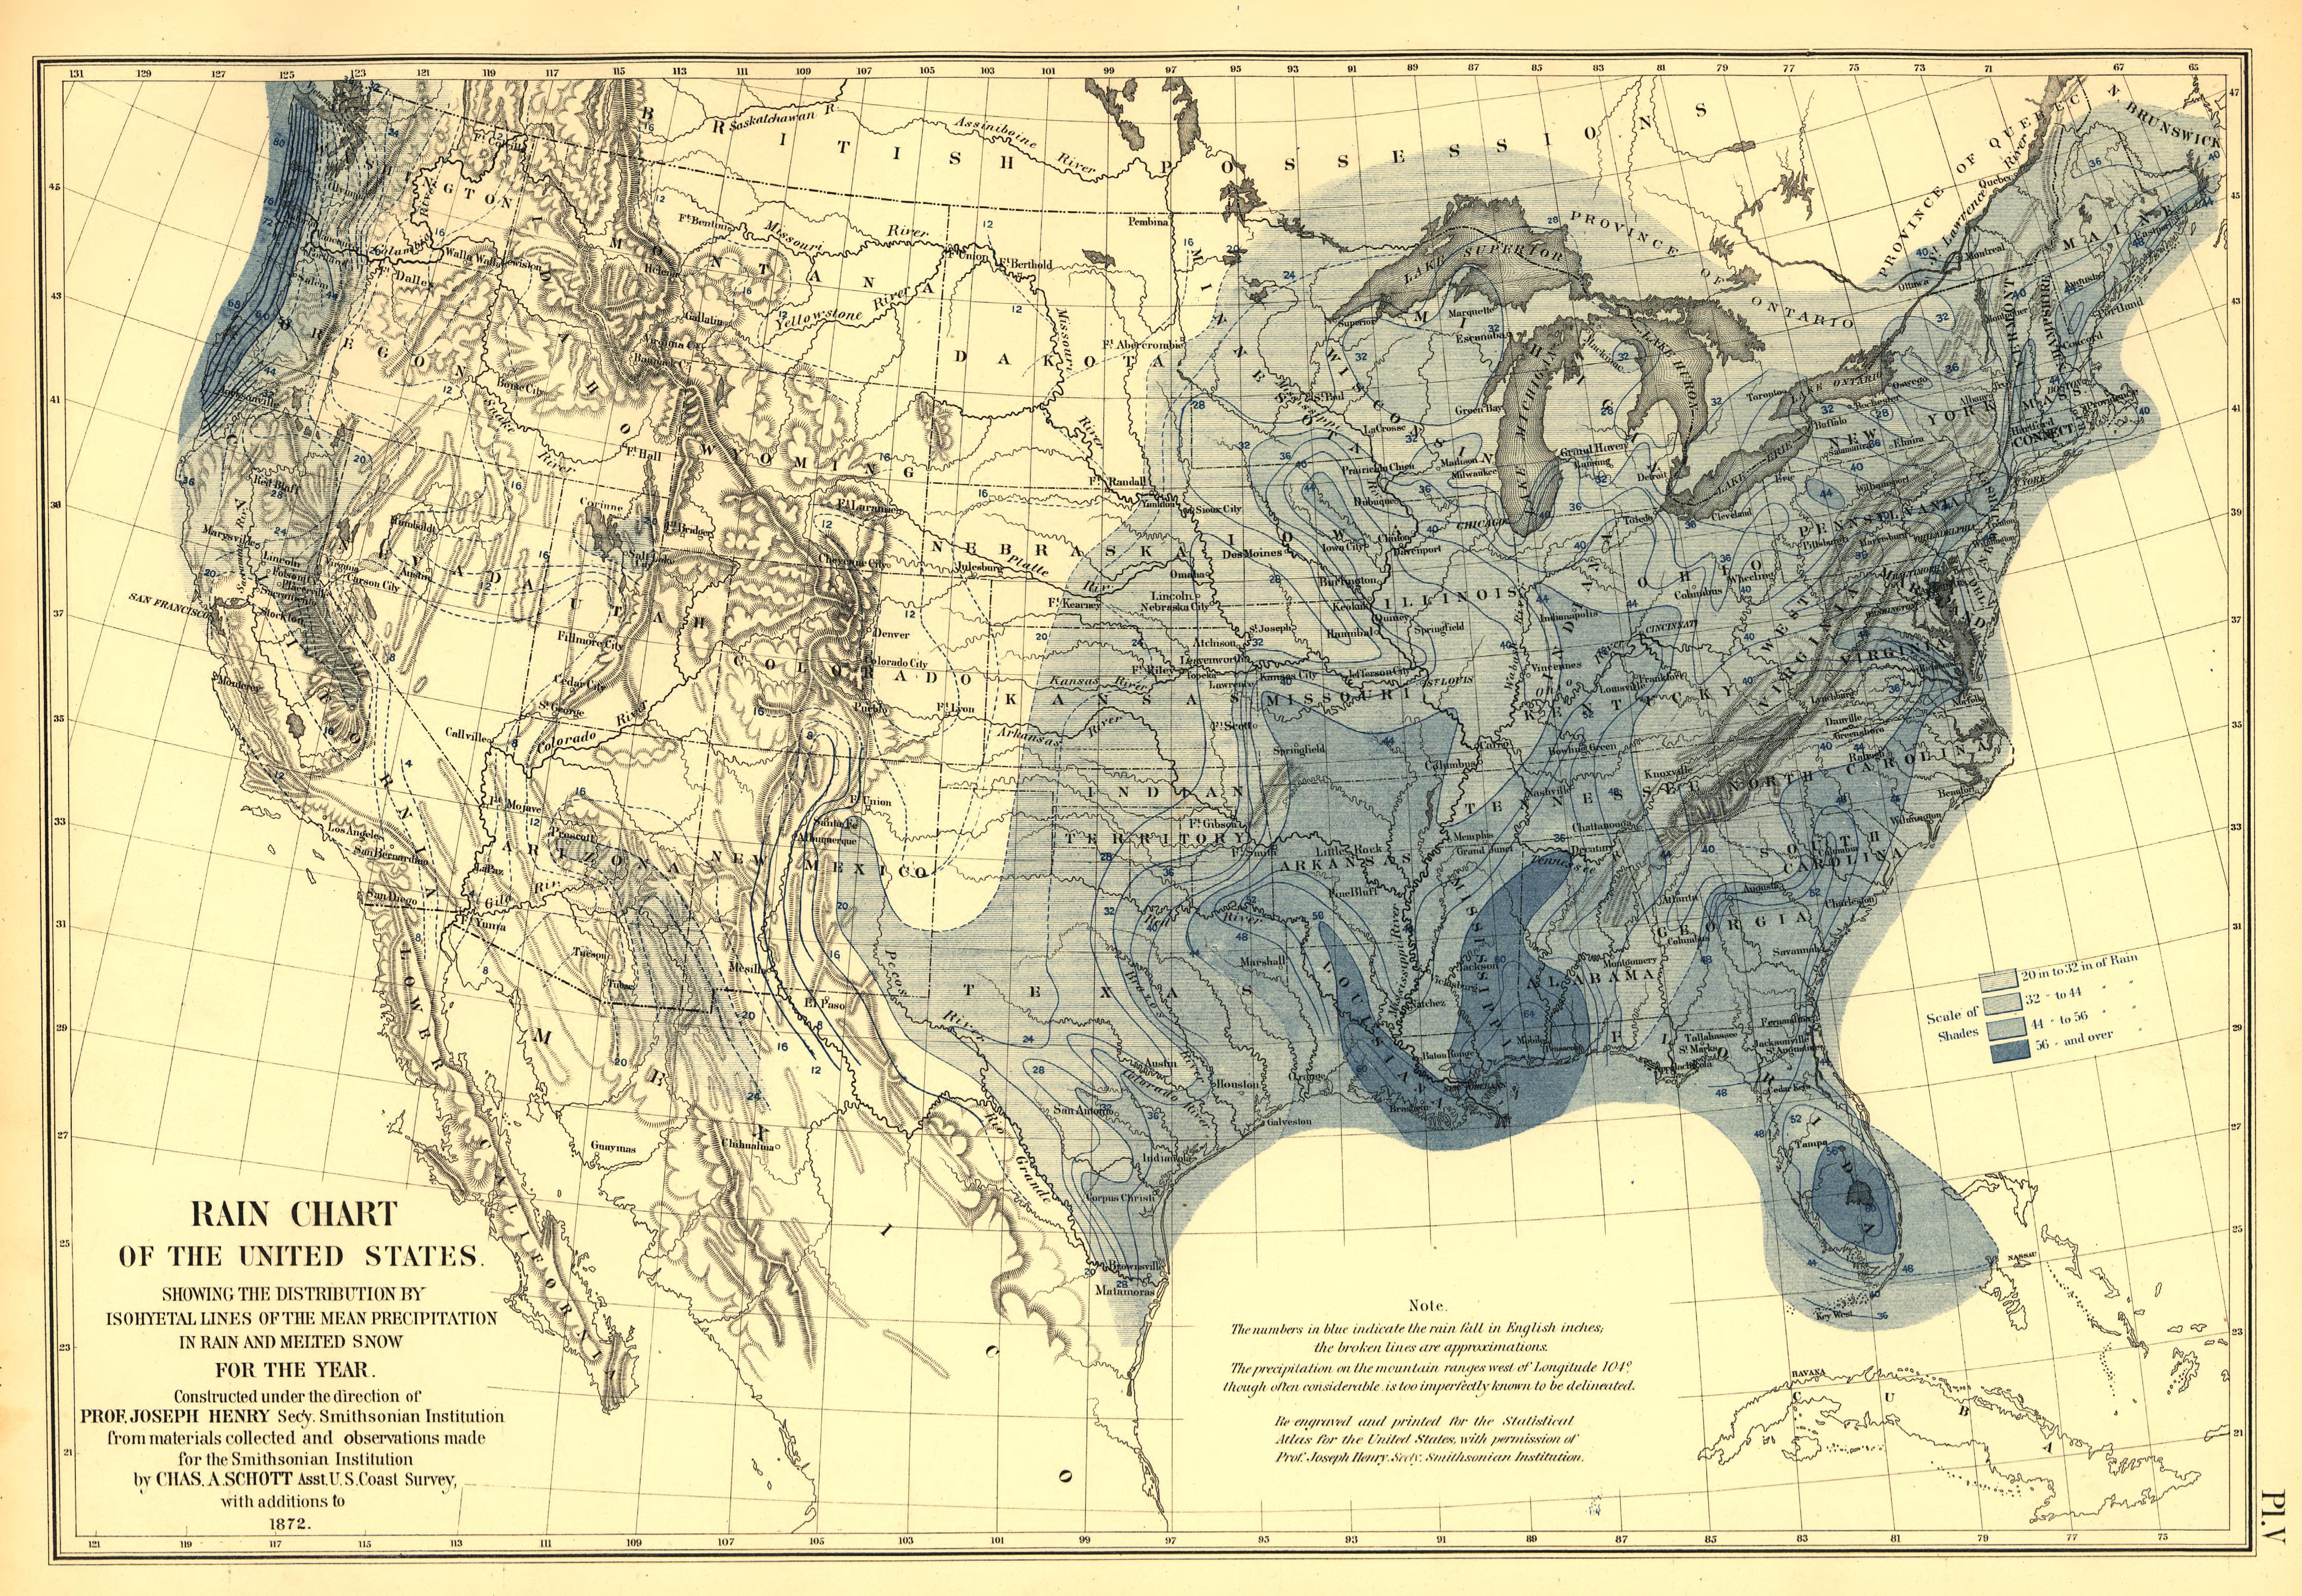 1870 map